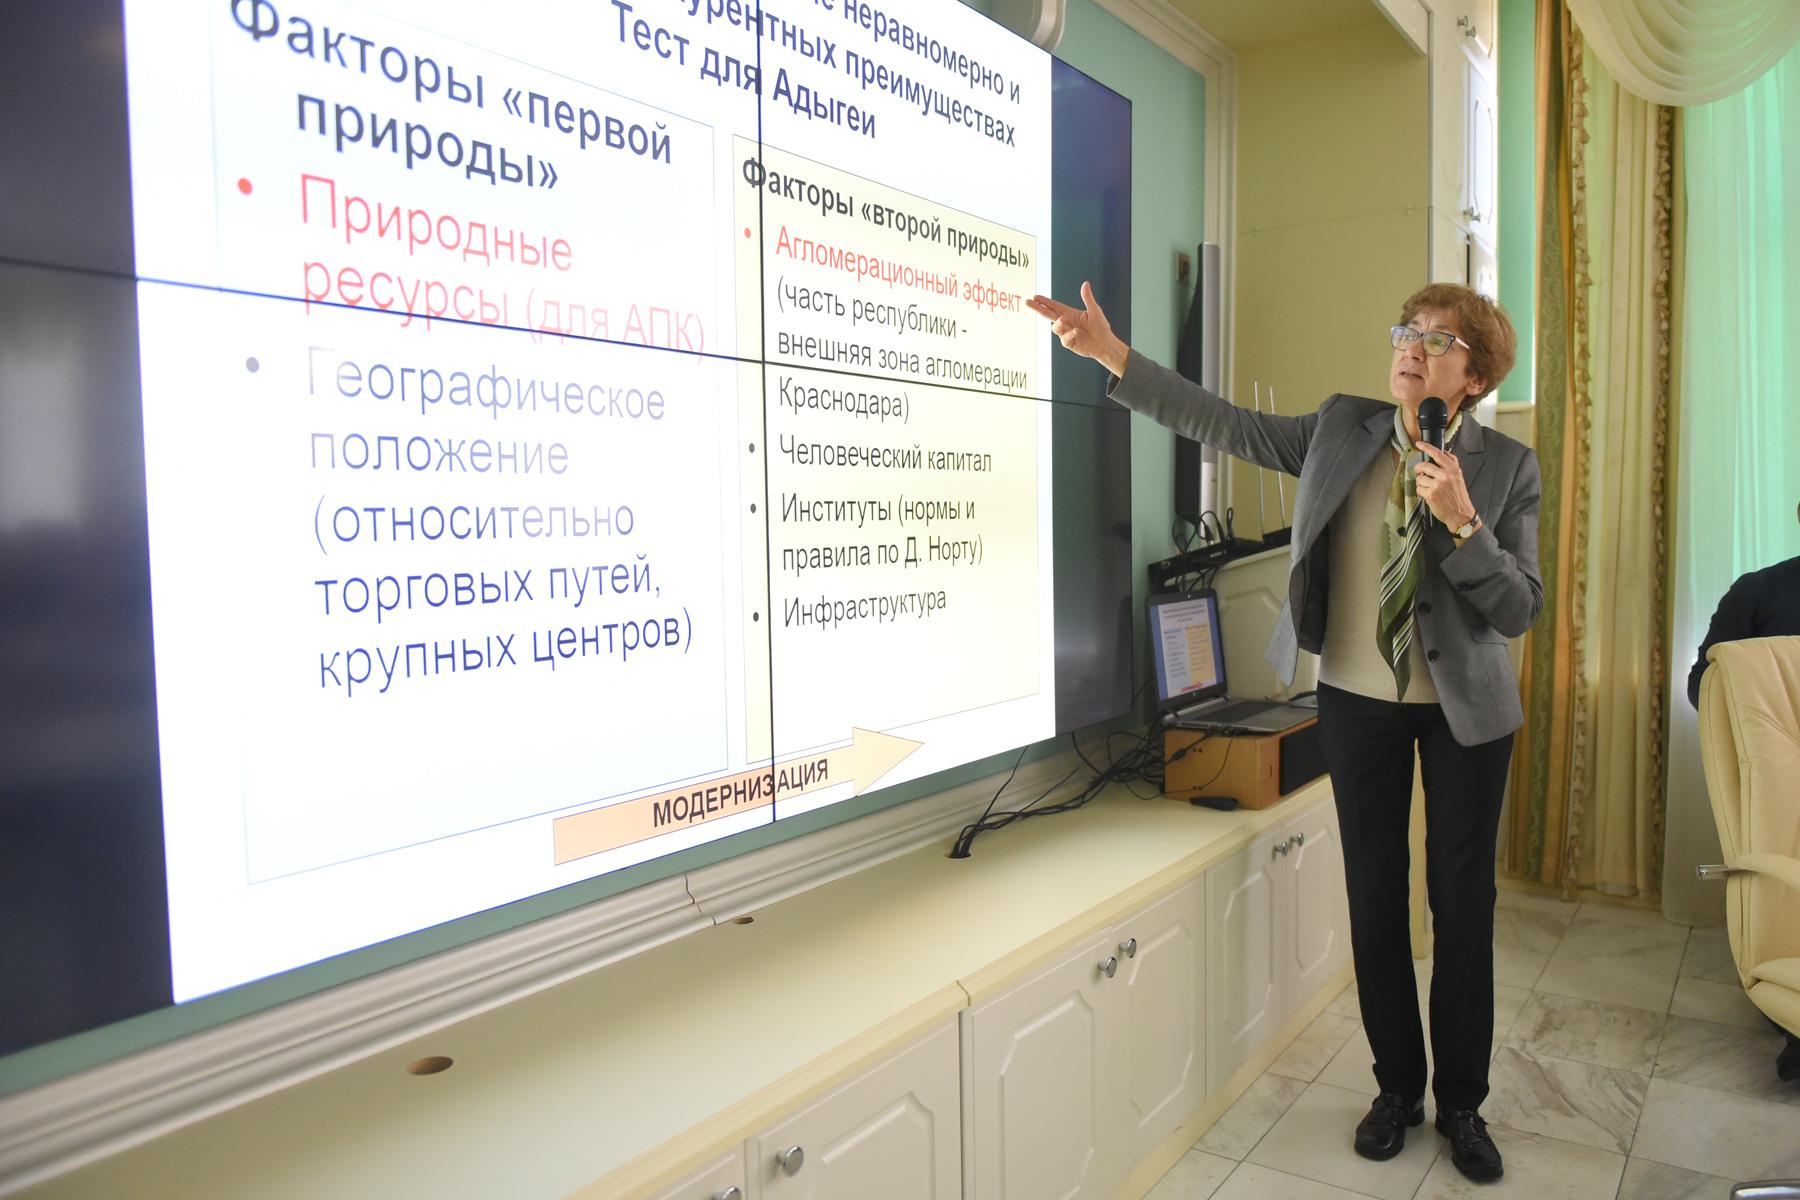 Эксперт в области регионального развития обозначила конкурентные преимущества Адыгеи